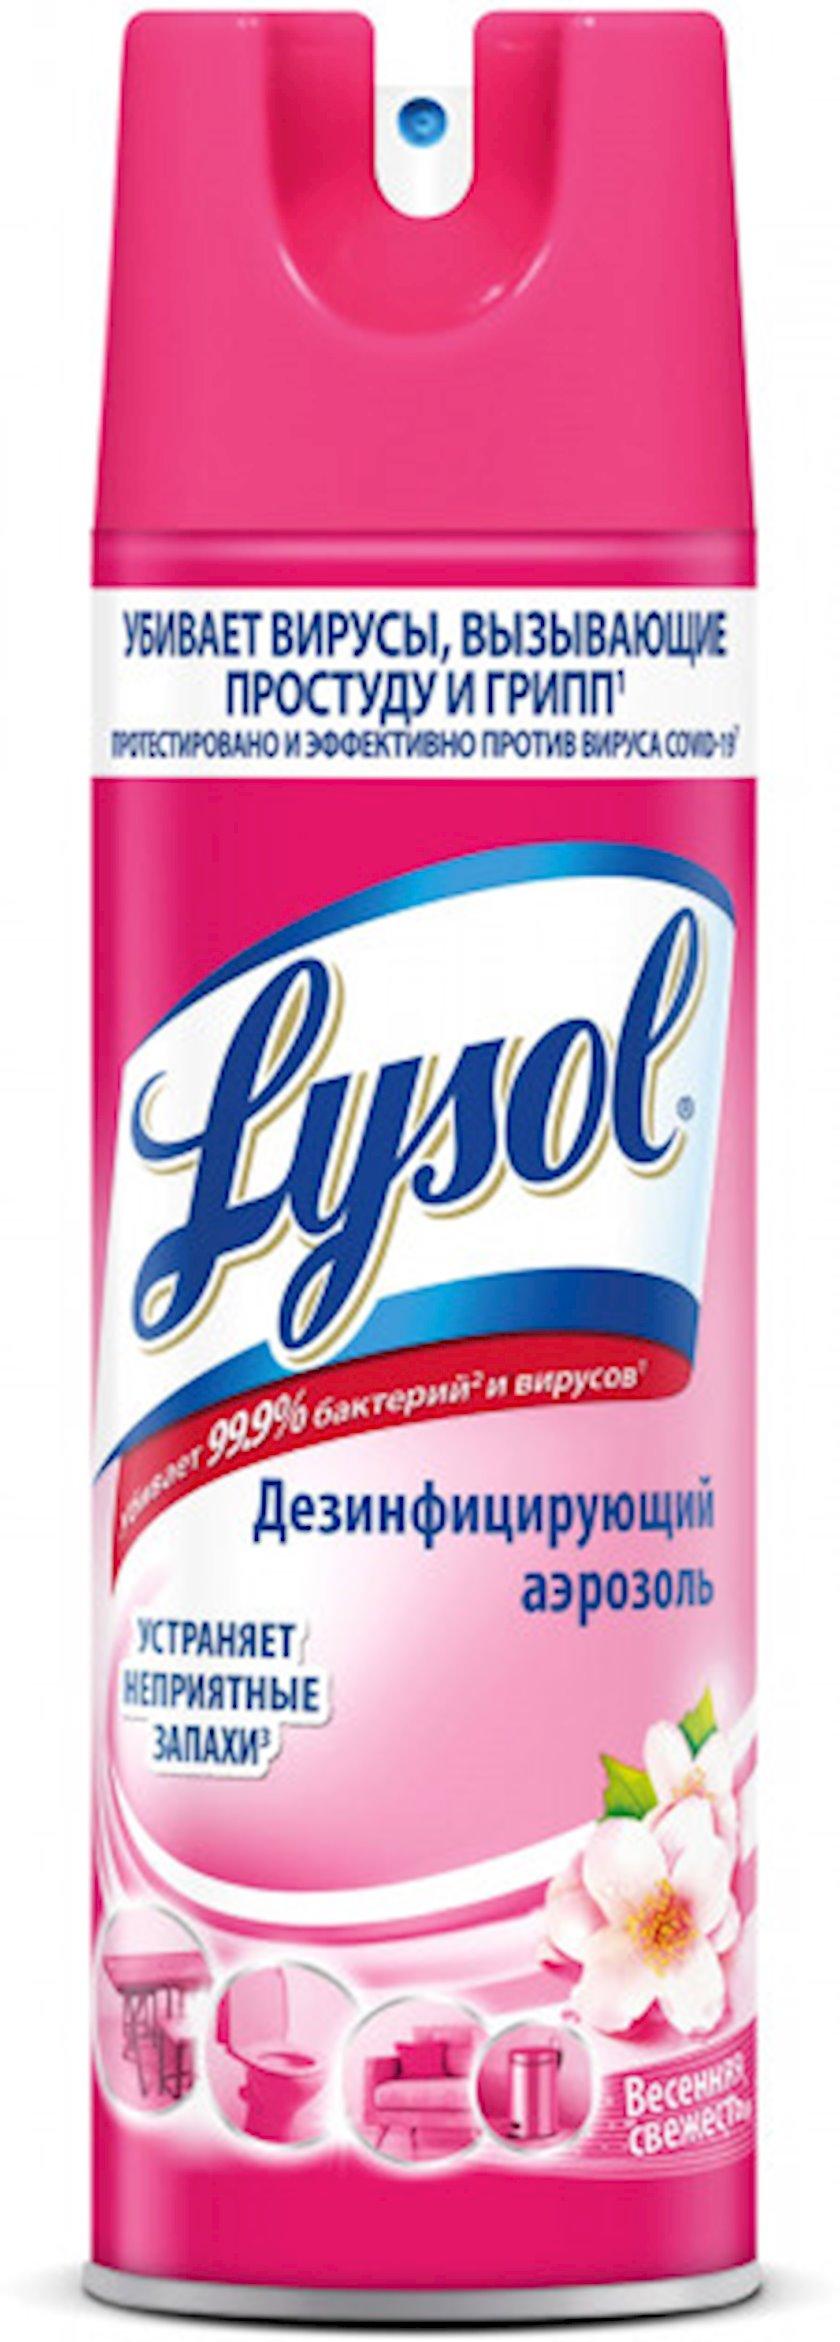 Səthin dezinfeksiyası üçün sprey Lysol Yaz təravəti 400 ml